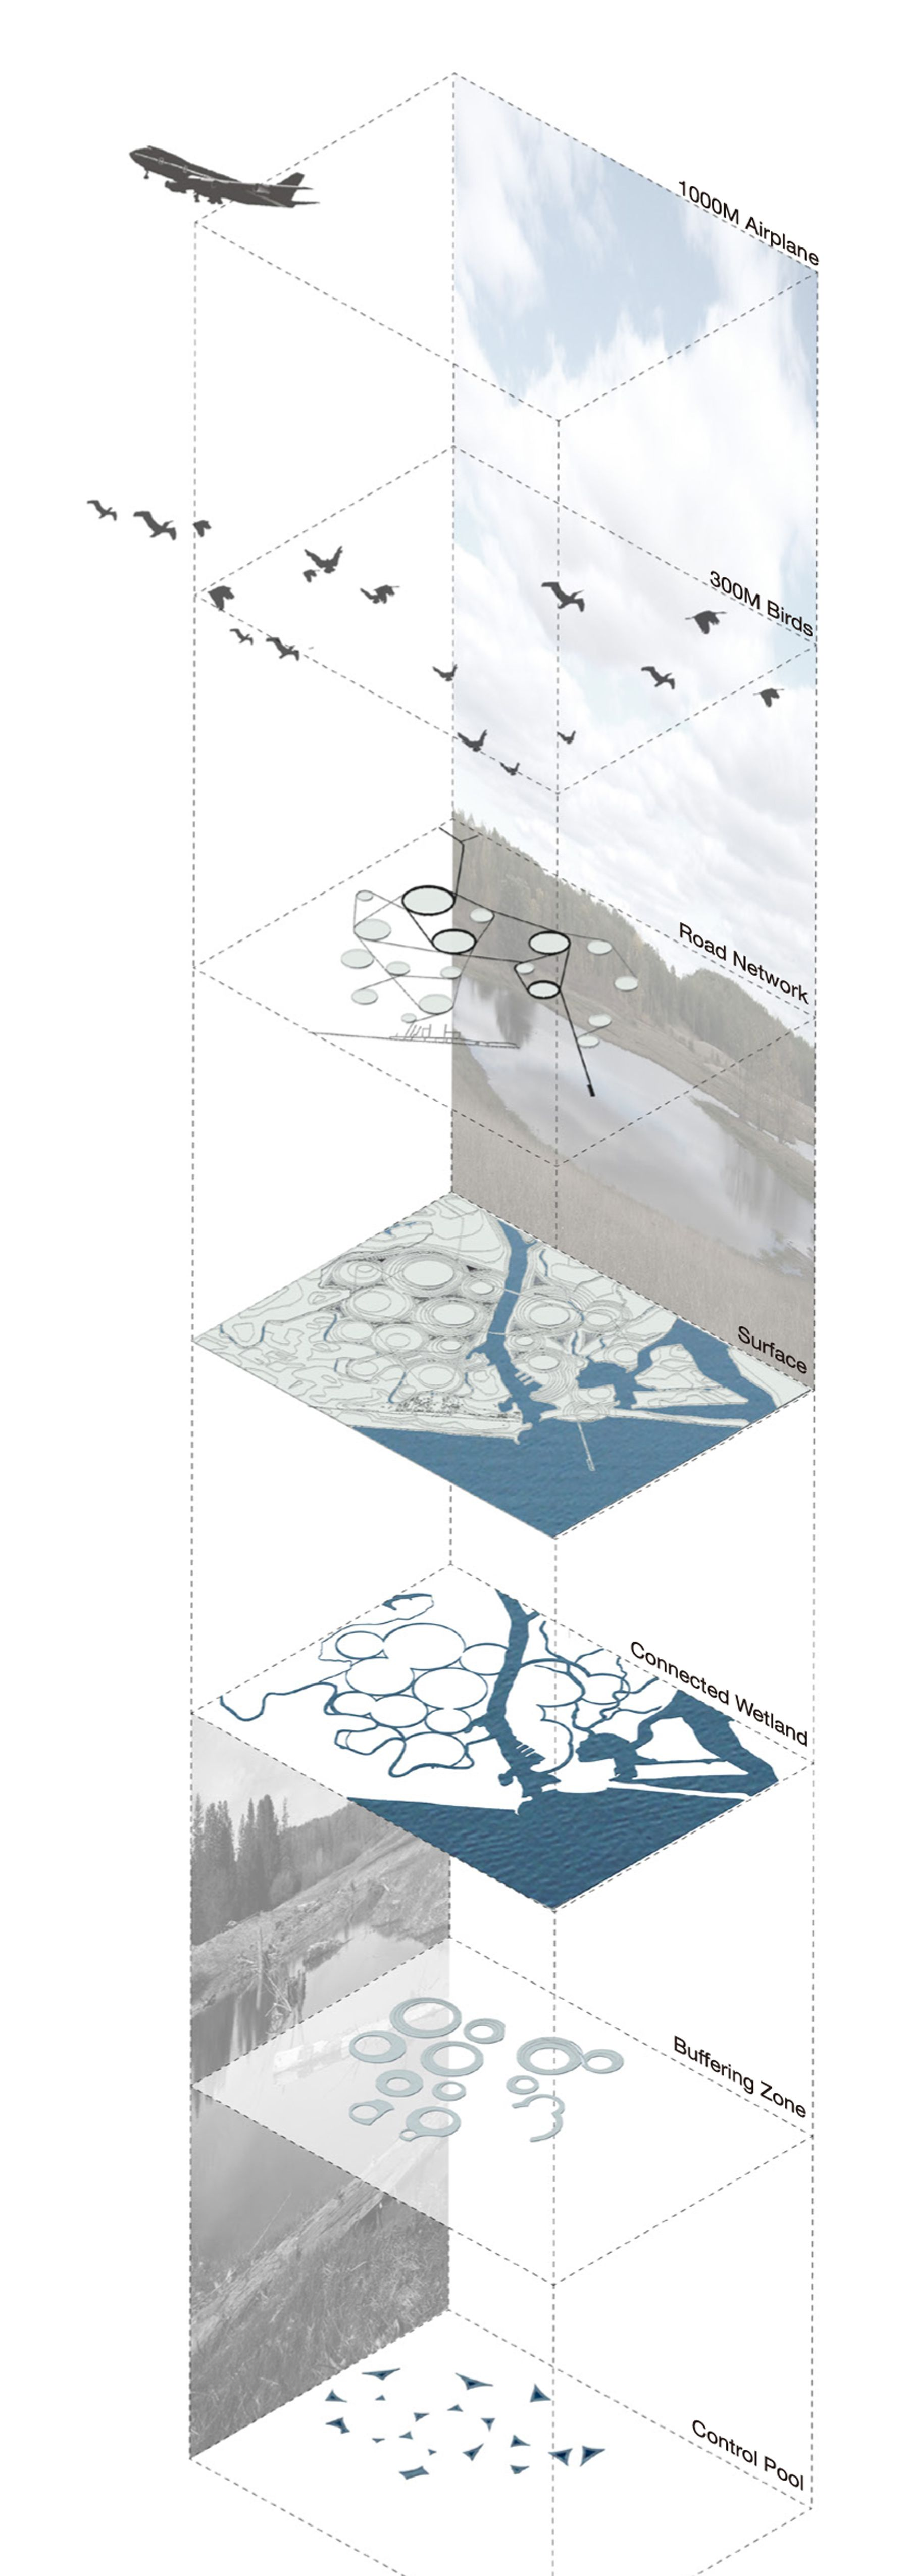 Educational Estuary | The Petropolis of Tomorrow